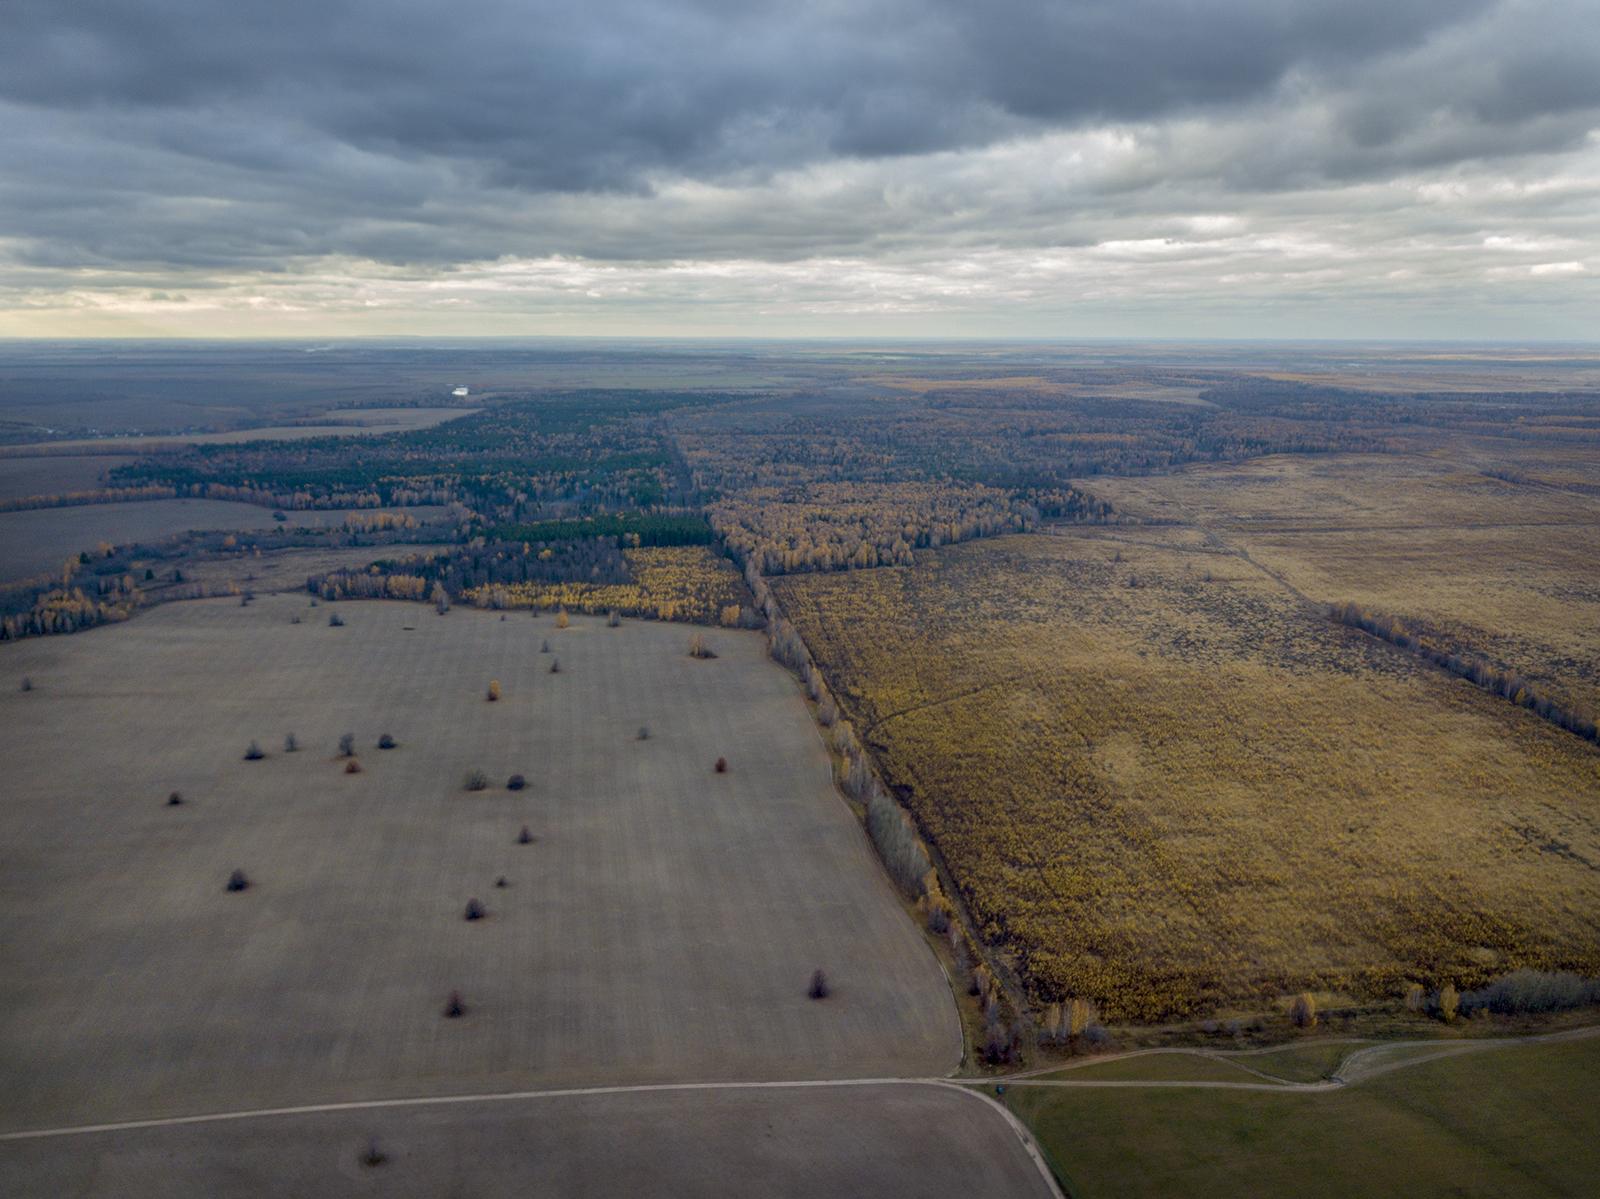 Слева - активно используемые сельхозземли Татарстана, справа - неиспользуемые сельхозземли Марий Эл, зарастающие березовым лесом. Впрочем, бывает и наоборот.